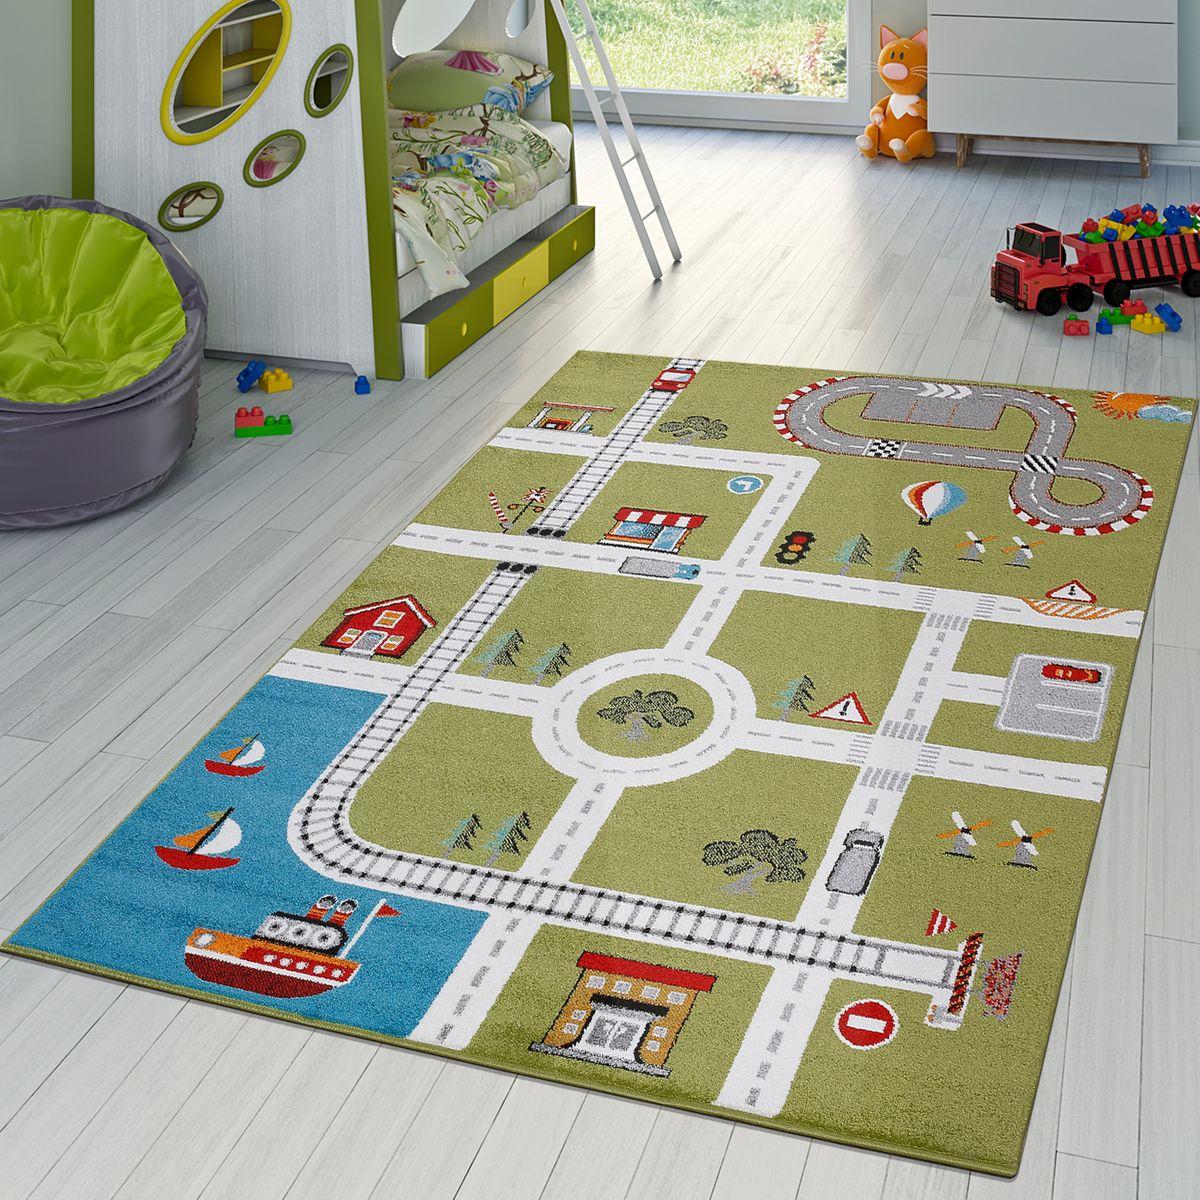 Full Size of Kinderzimmer Teppiche Teppich City Hafen Spielteppich Teppichmax Regal Regale Wohnzimmer Sofa Weiß Kinderzimmer Kinderzimmer Teppiche